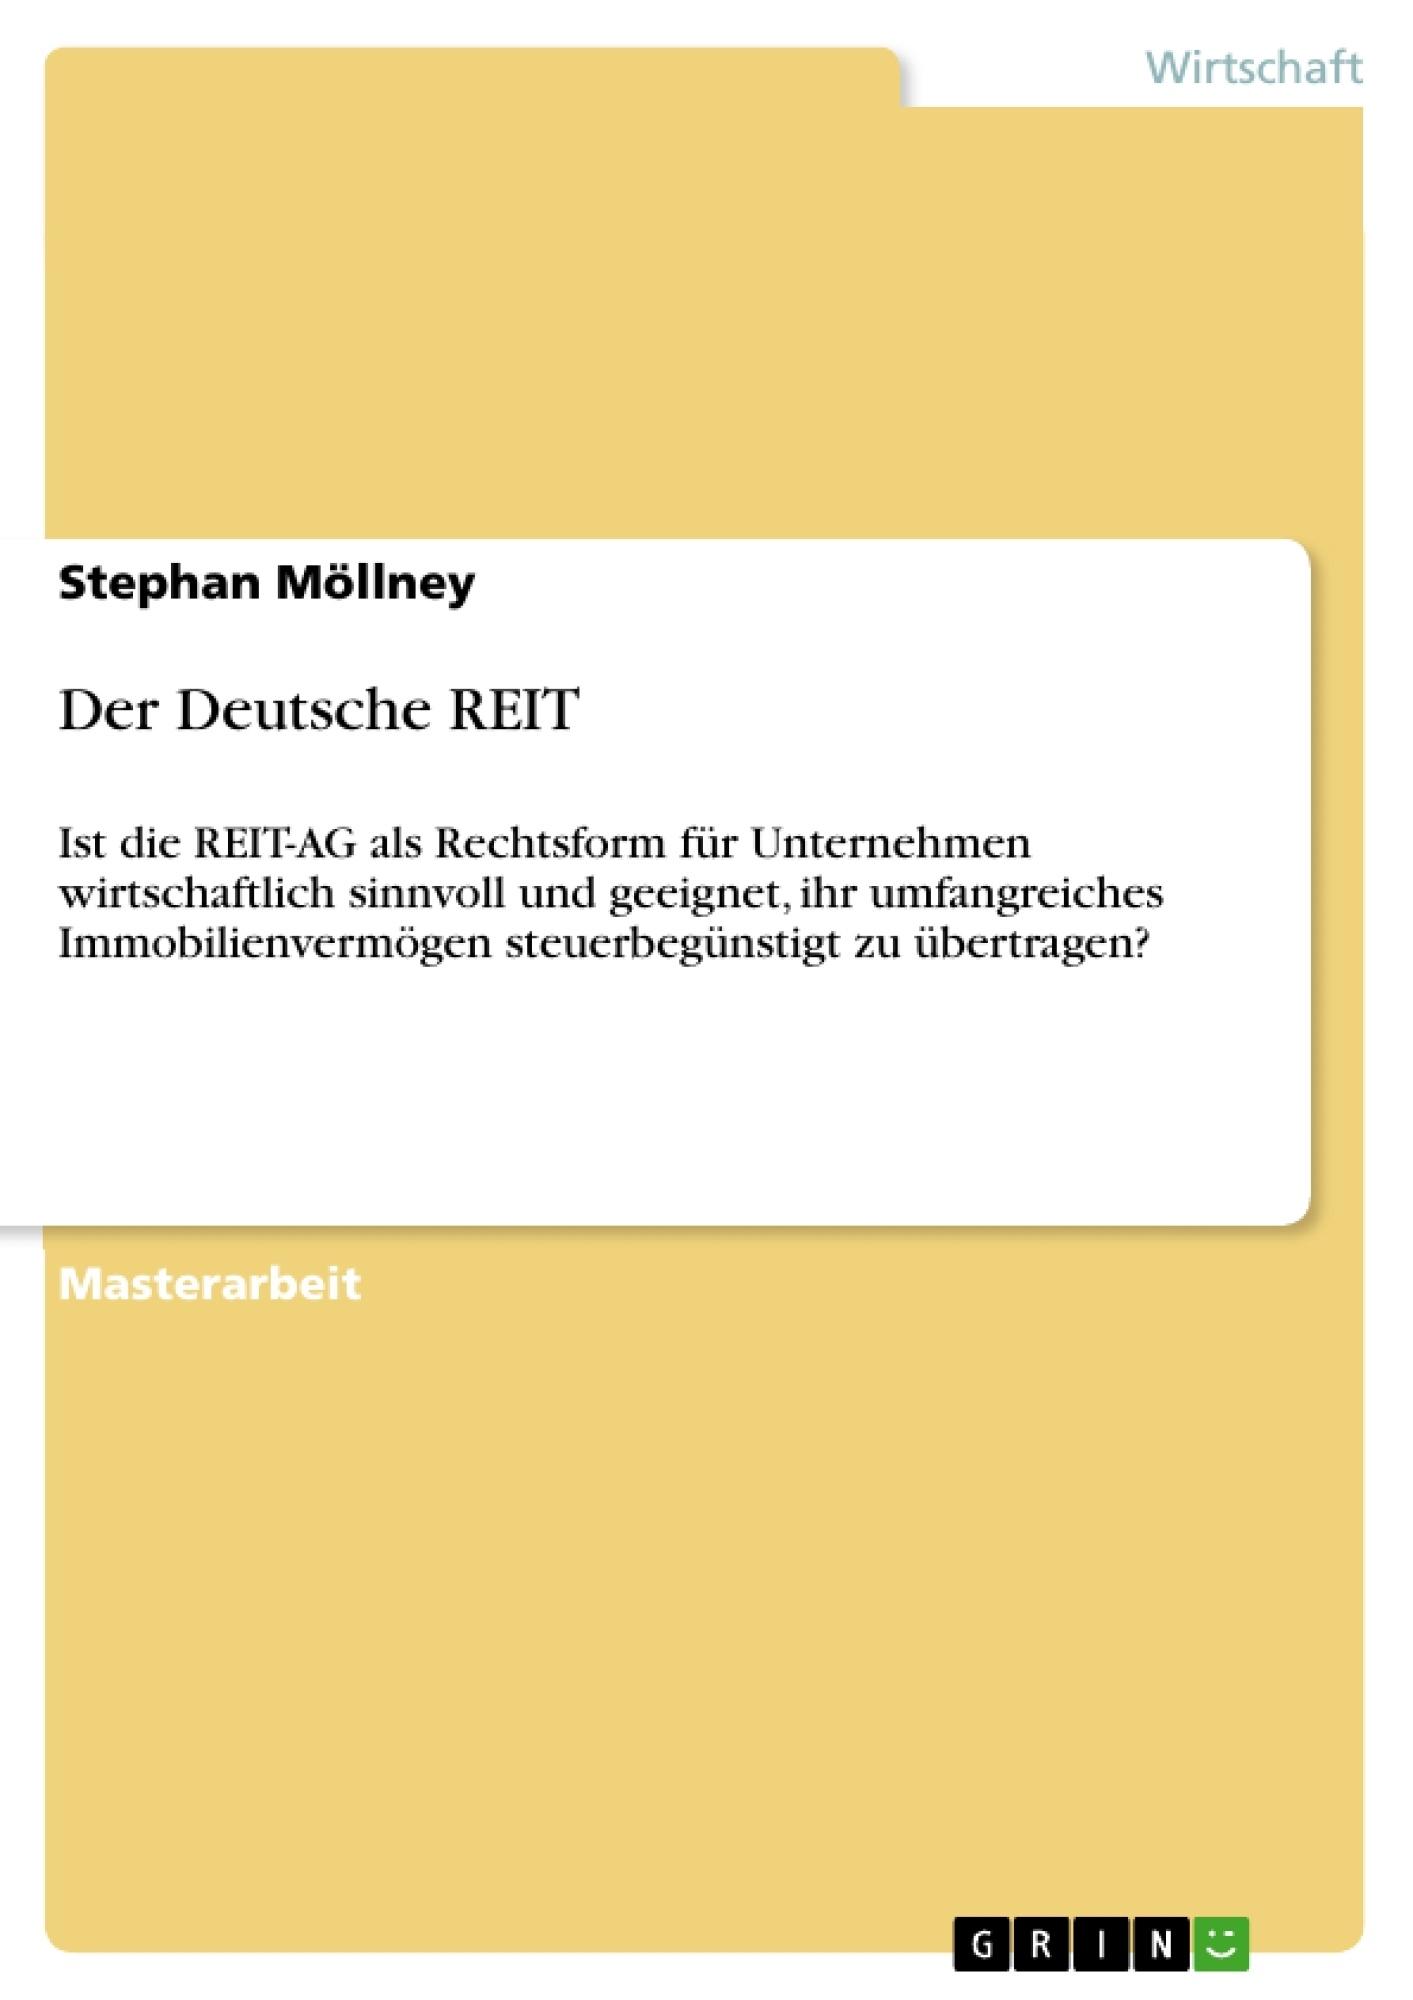 Titel: Der Deutsche REIT